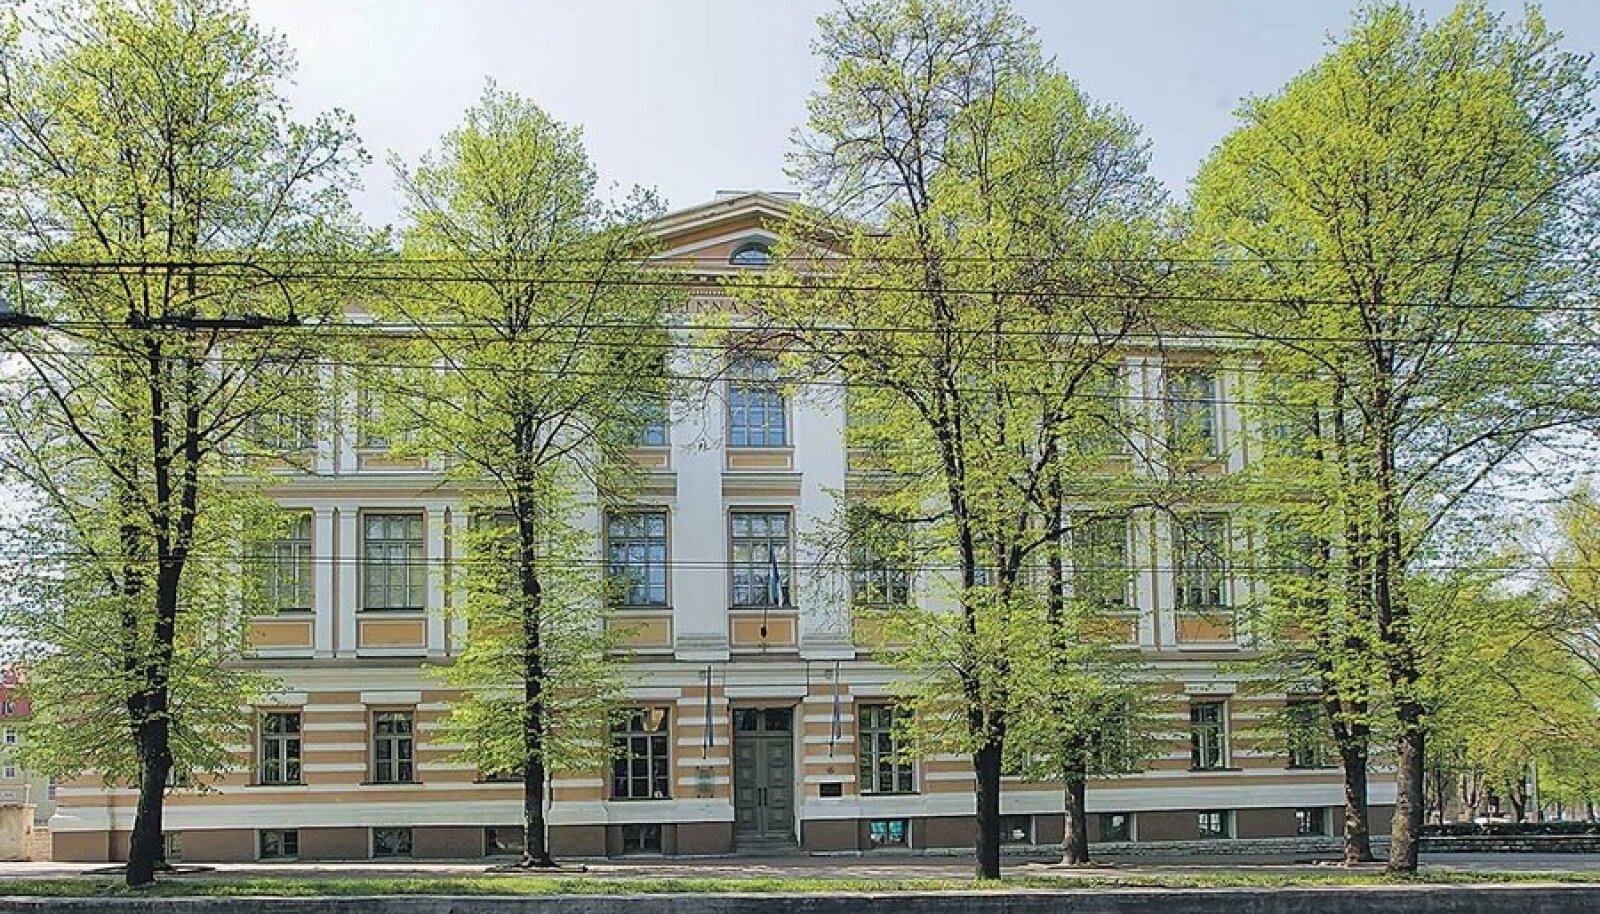 Tallinna reaalkool annaks kriitikute sõnul uuele erapõhikoolile selge eelise – hinnatud kvaliteedimärgi, mis meelitaks erapõhikooli hulga õpilasi.